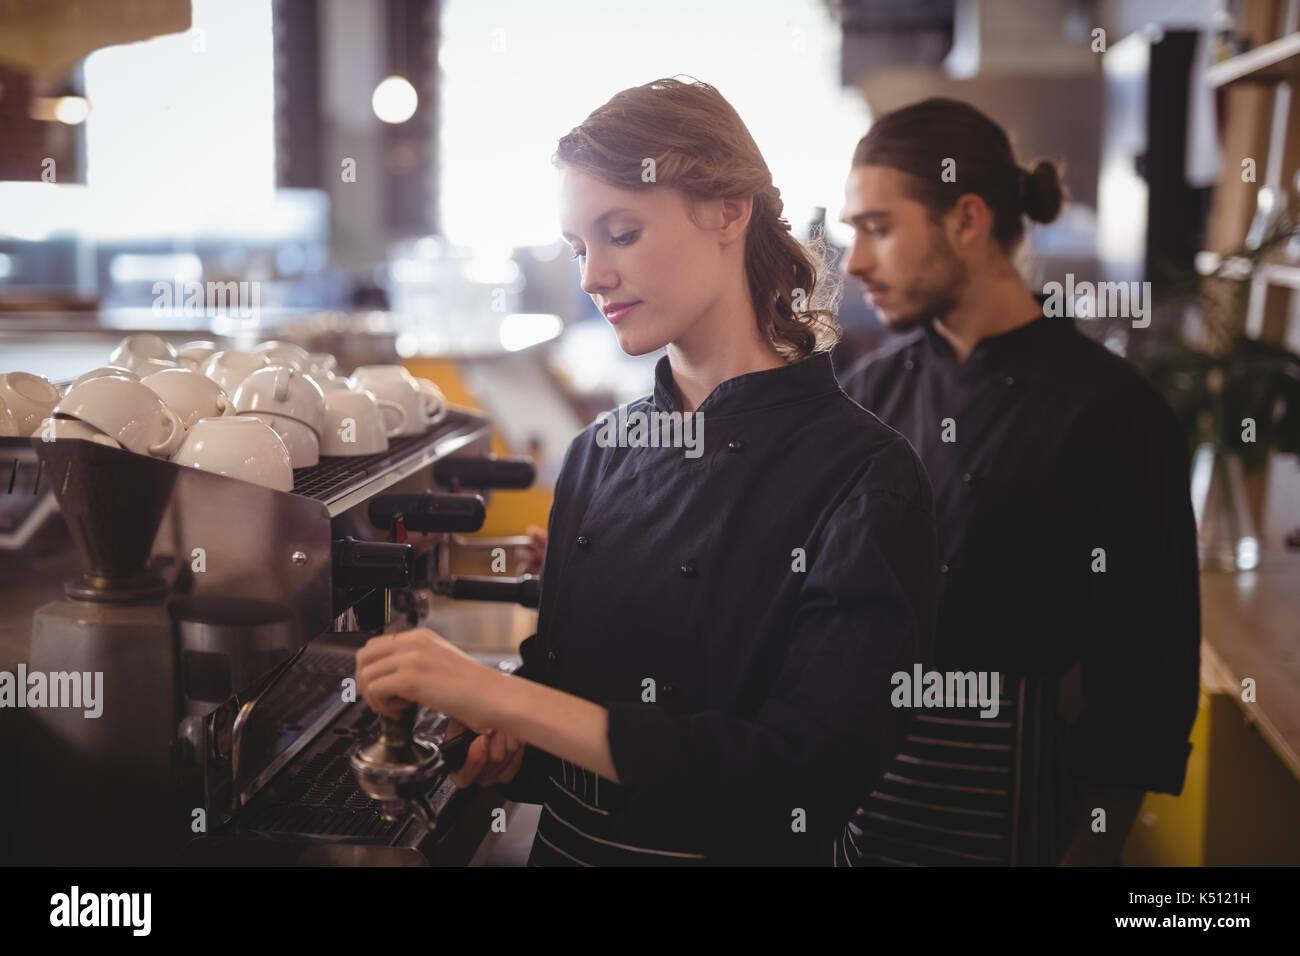 Junge warten mit Espressomaschine in Coffee shop Personal Stockfoto